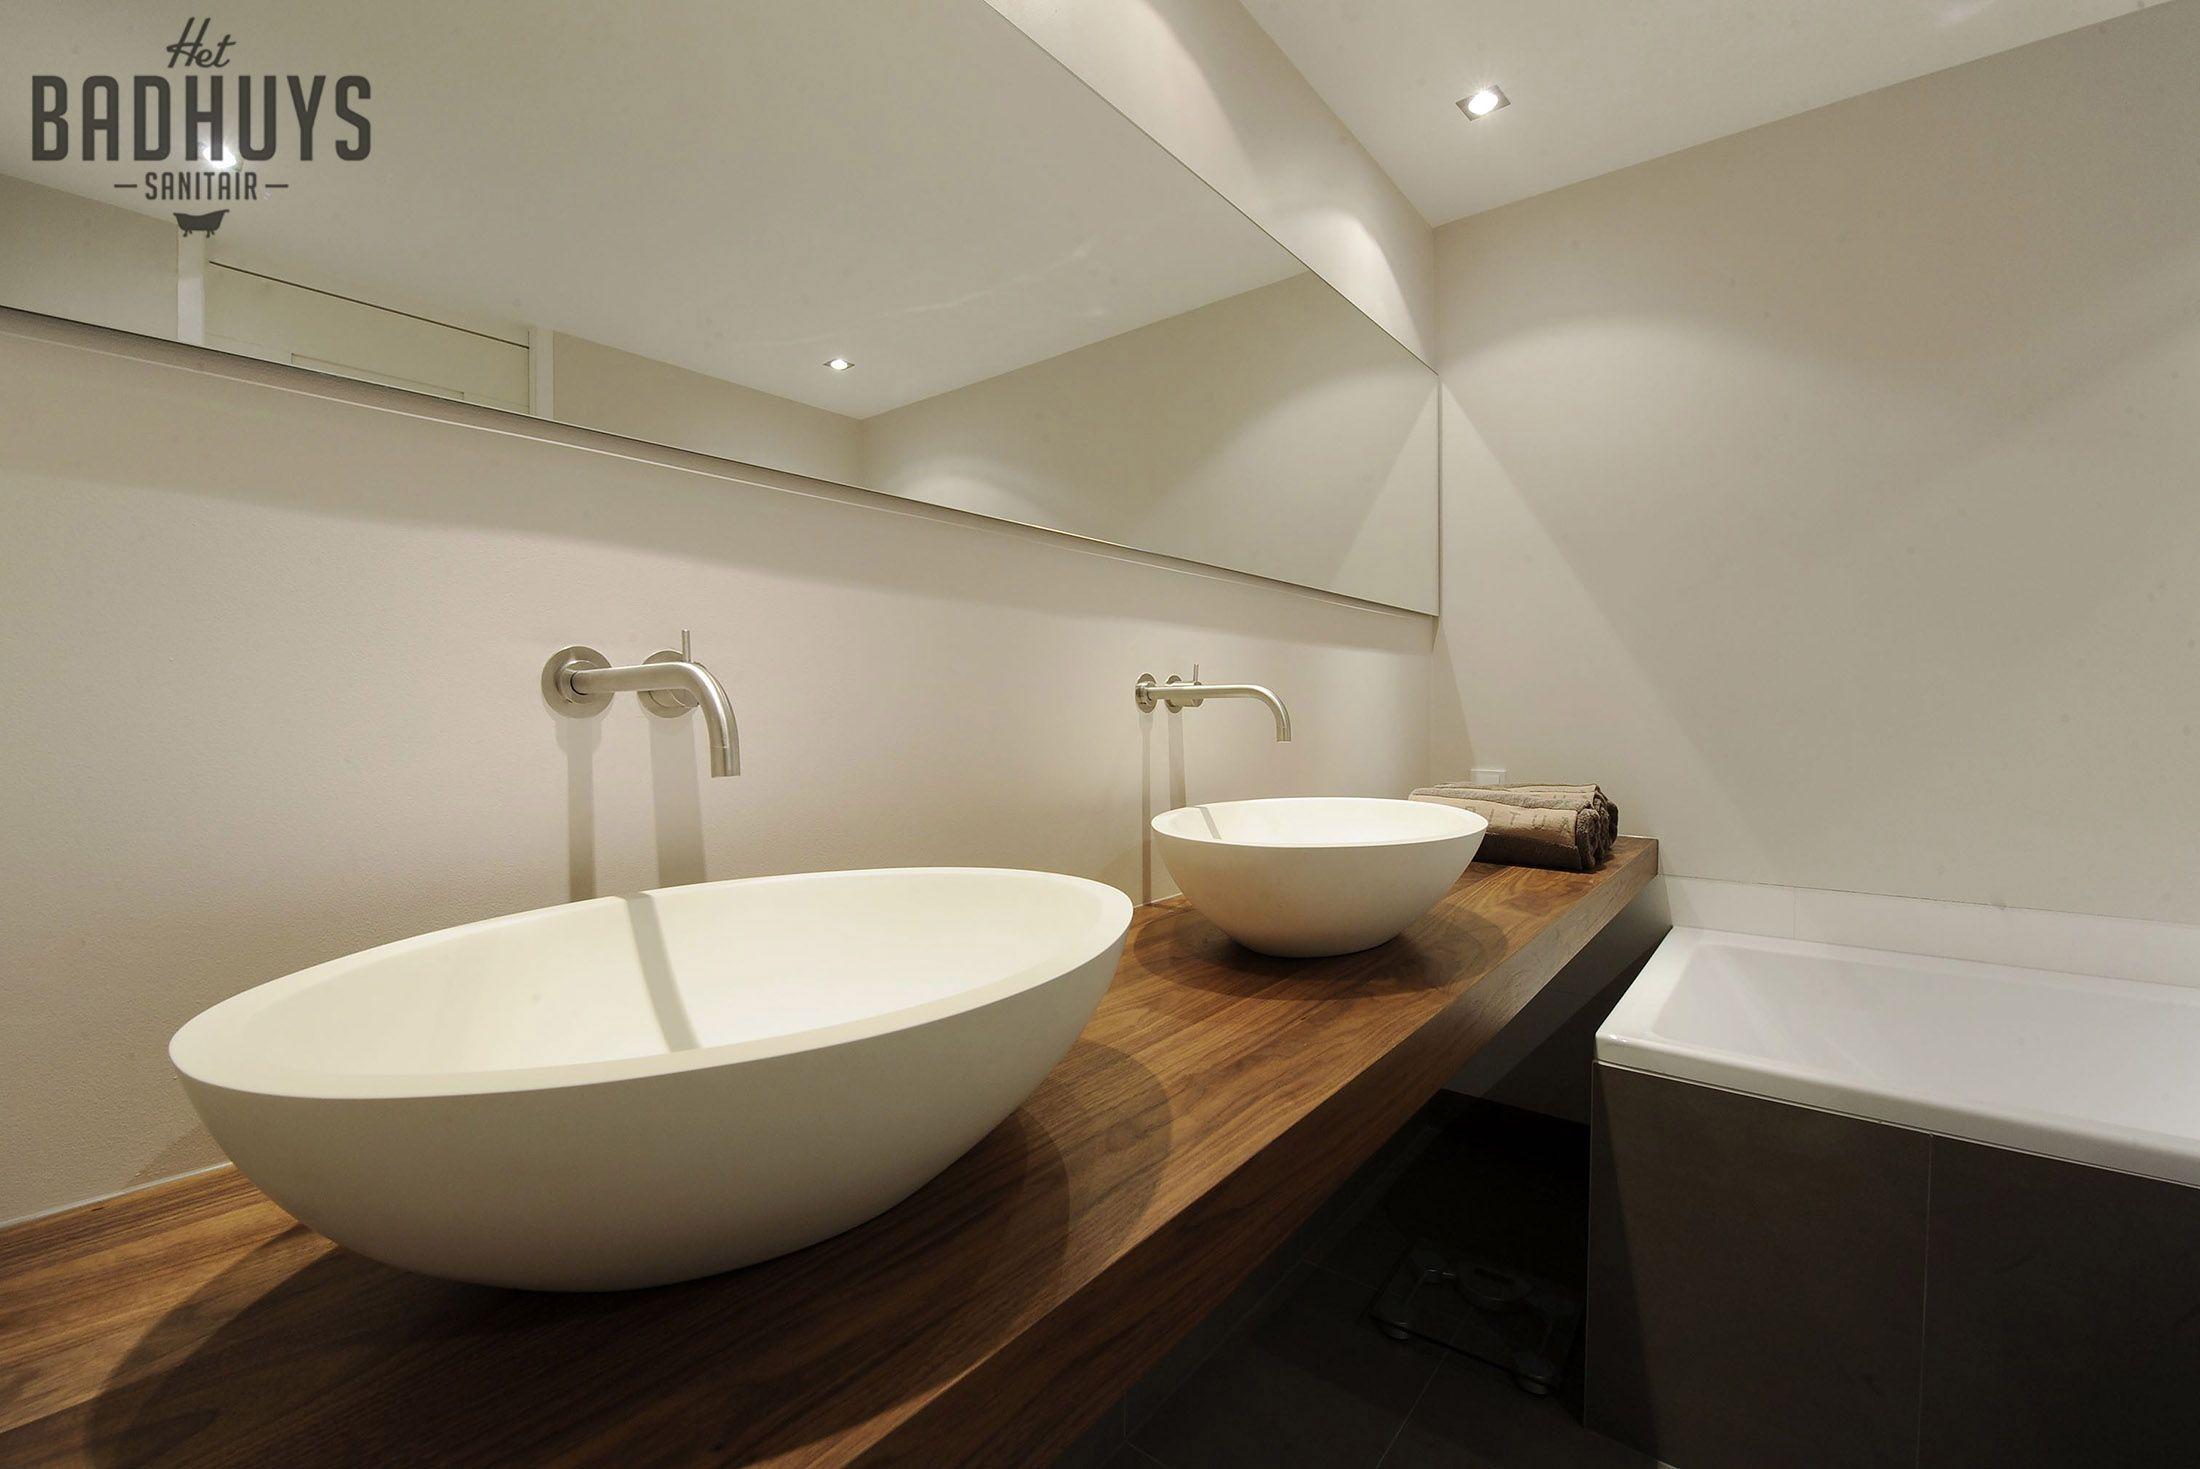 moderne badkamer met wastafel in notenhout het badhuys breda